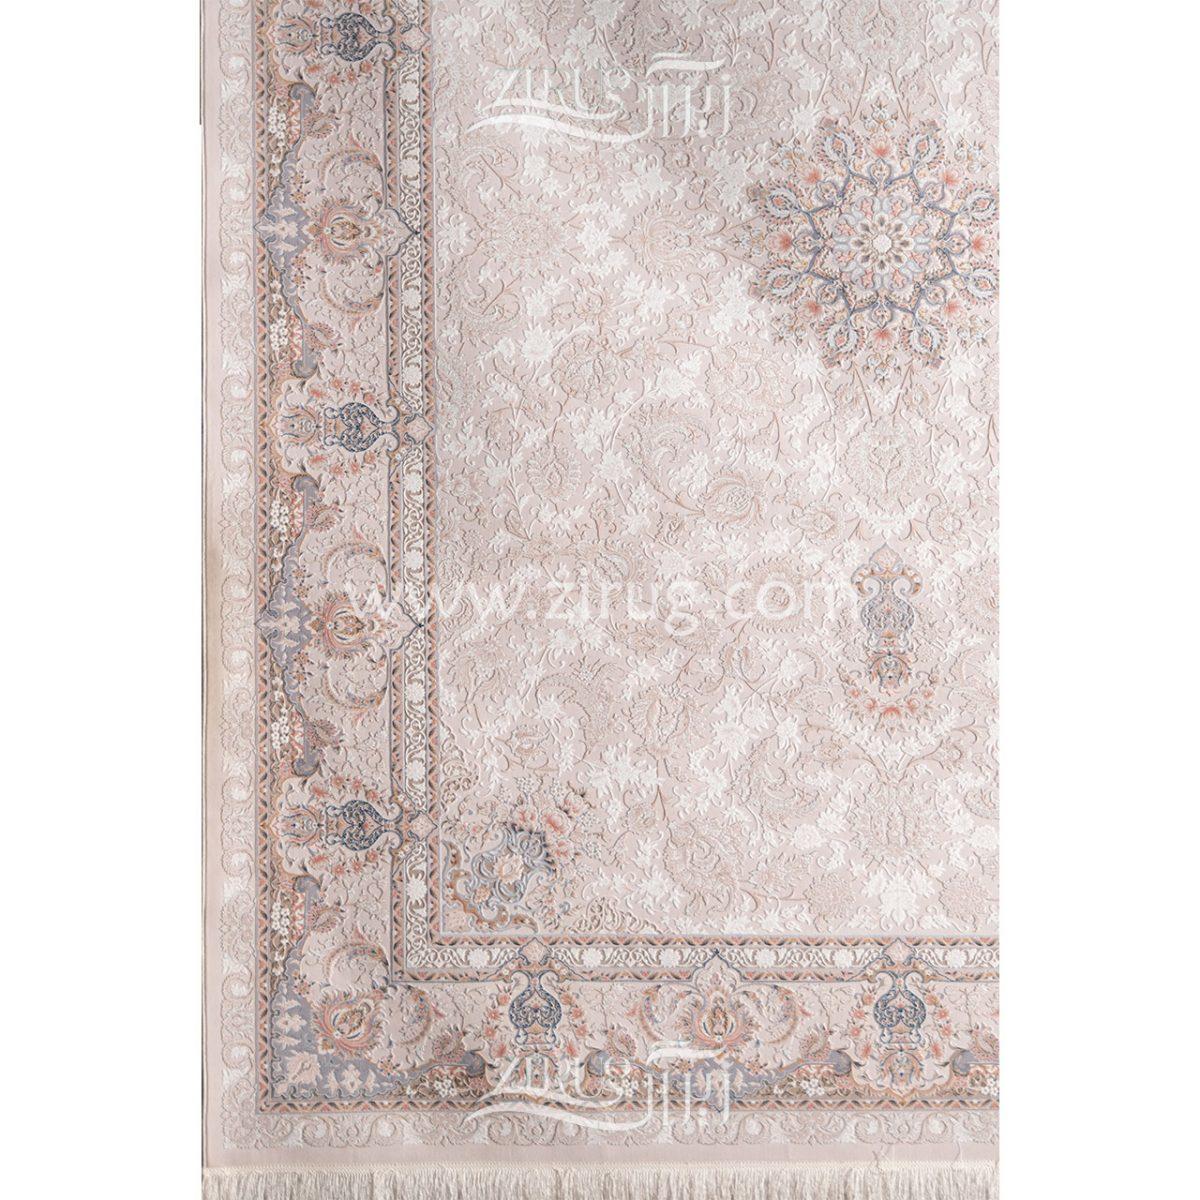 فرش ماشینی 1000 شانه کلکسیون آرامیس کد 3012 زمینه کرم گل برجسته بامبو